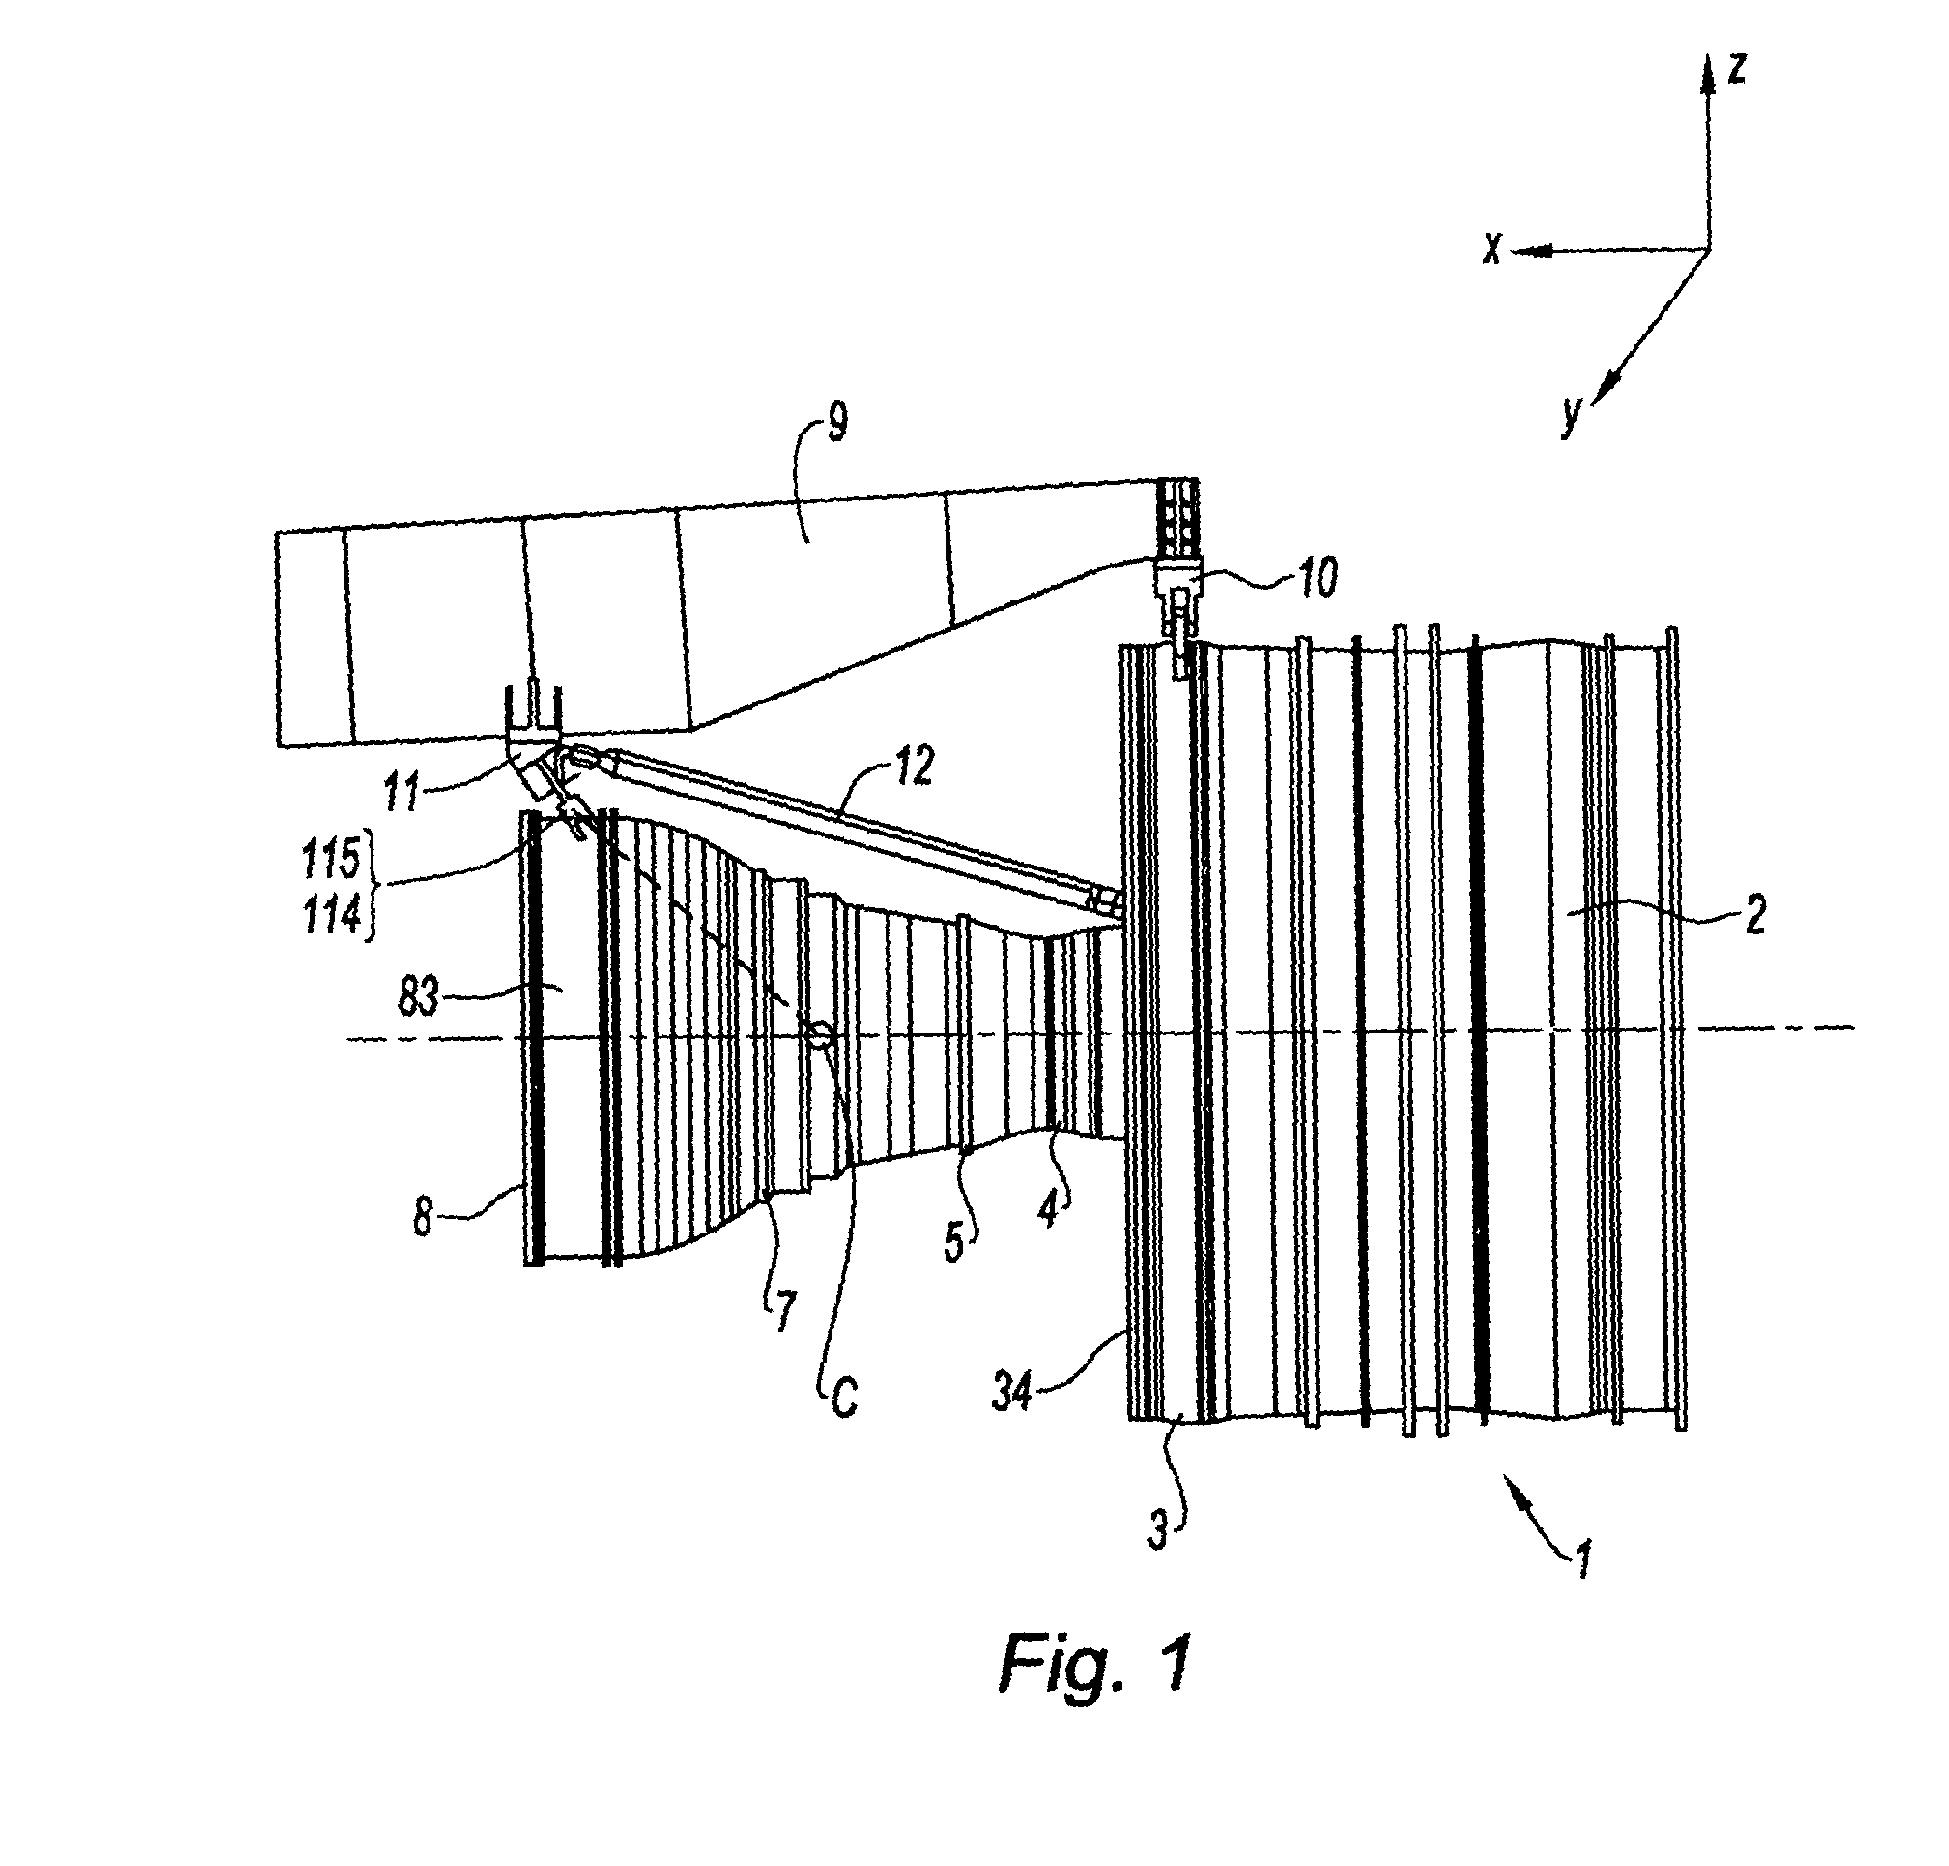 Suspension d'un turboréacteur à un aéronef - Patent 2067698